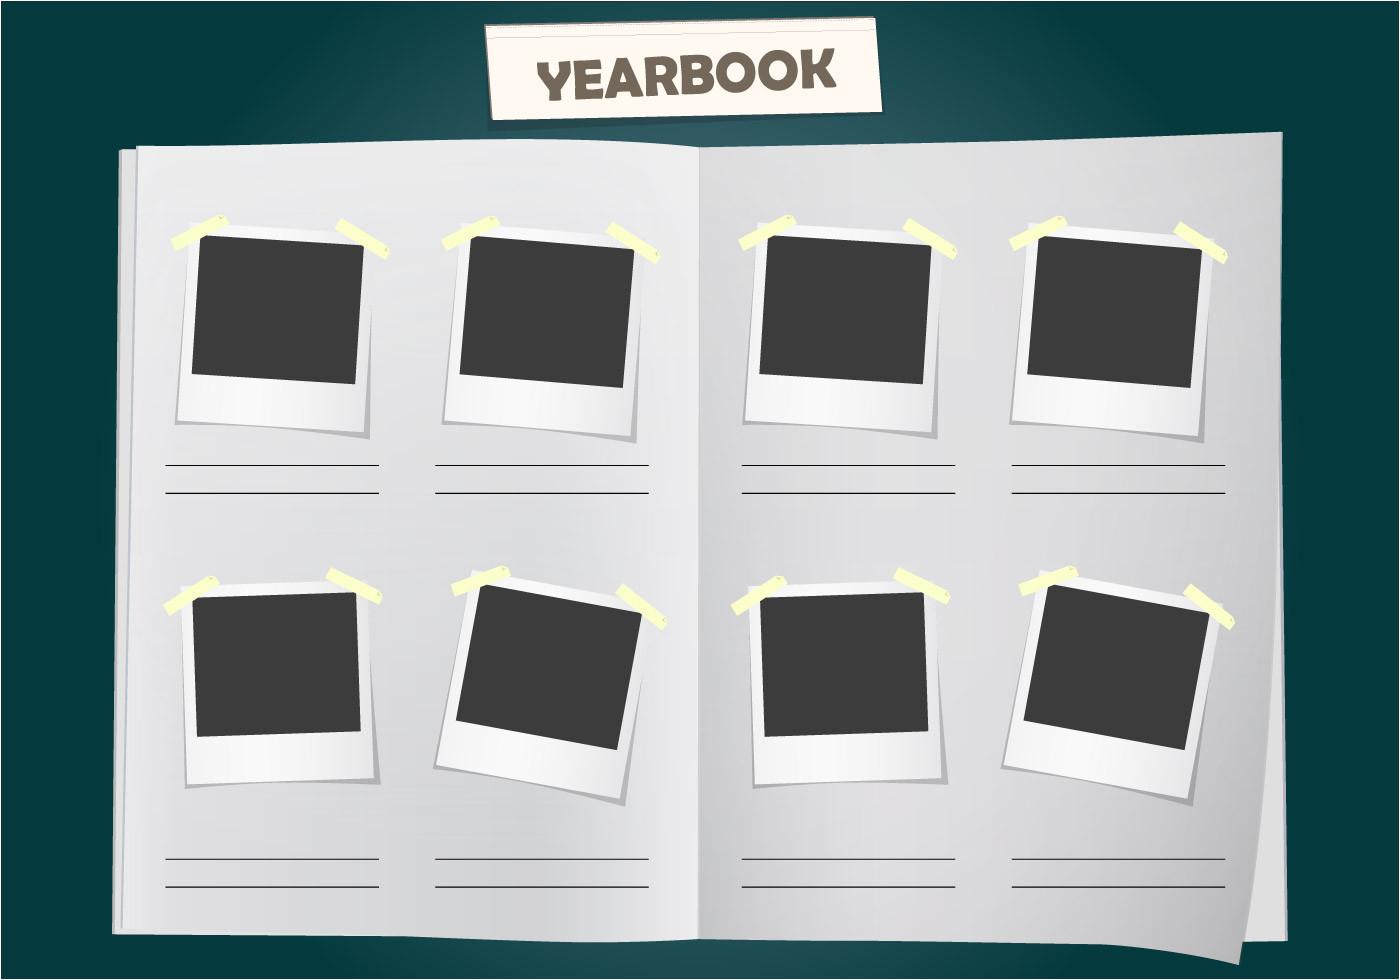 Free Online Yearbook Templates Album Yearbook Vector Template Download Free Vector Art